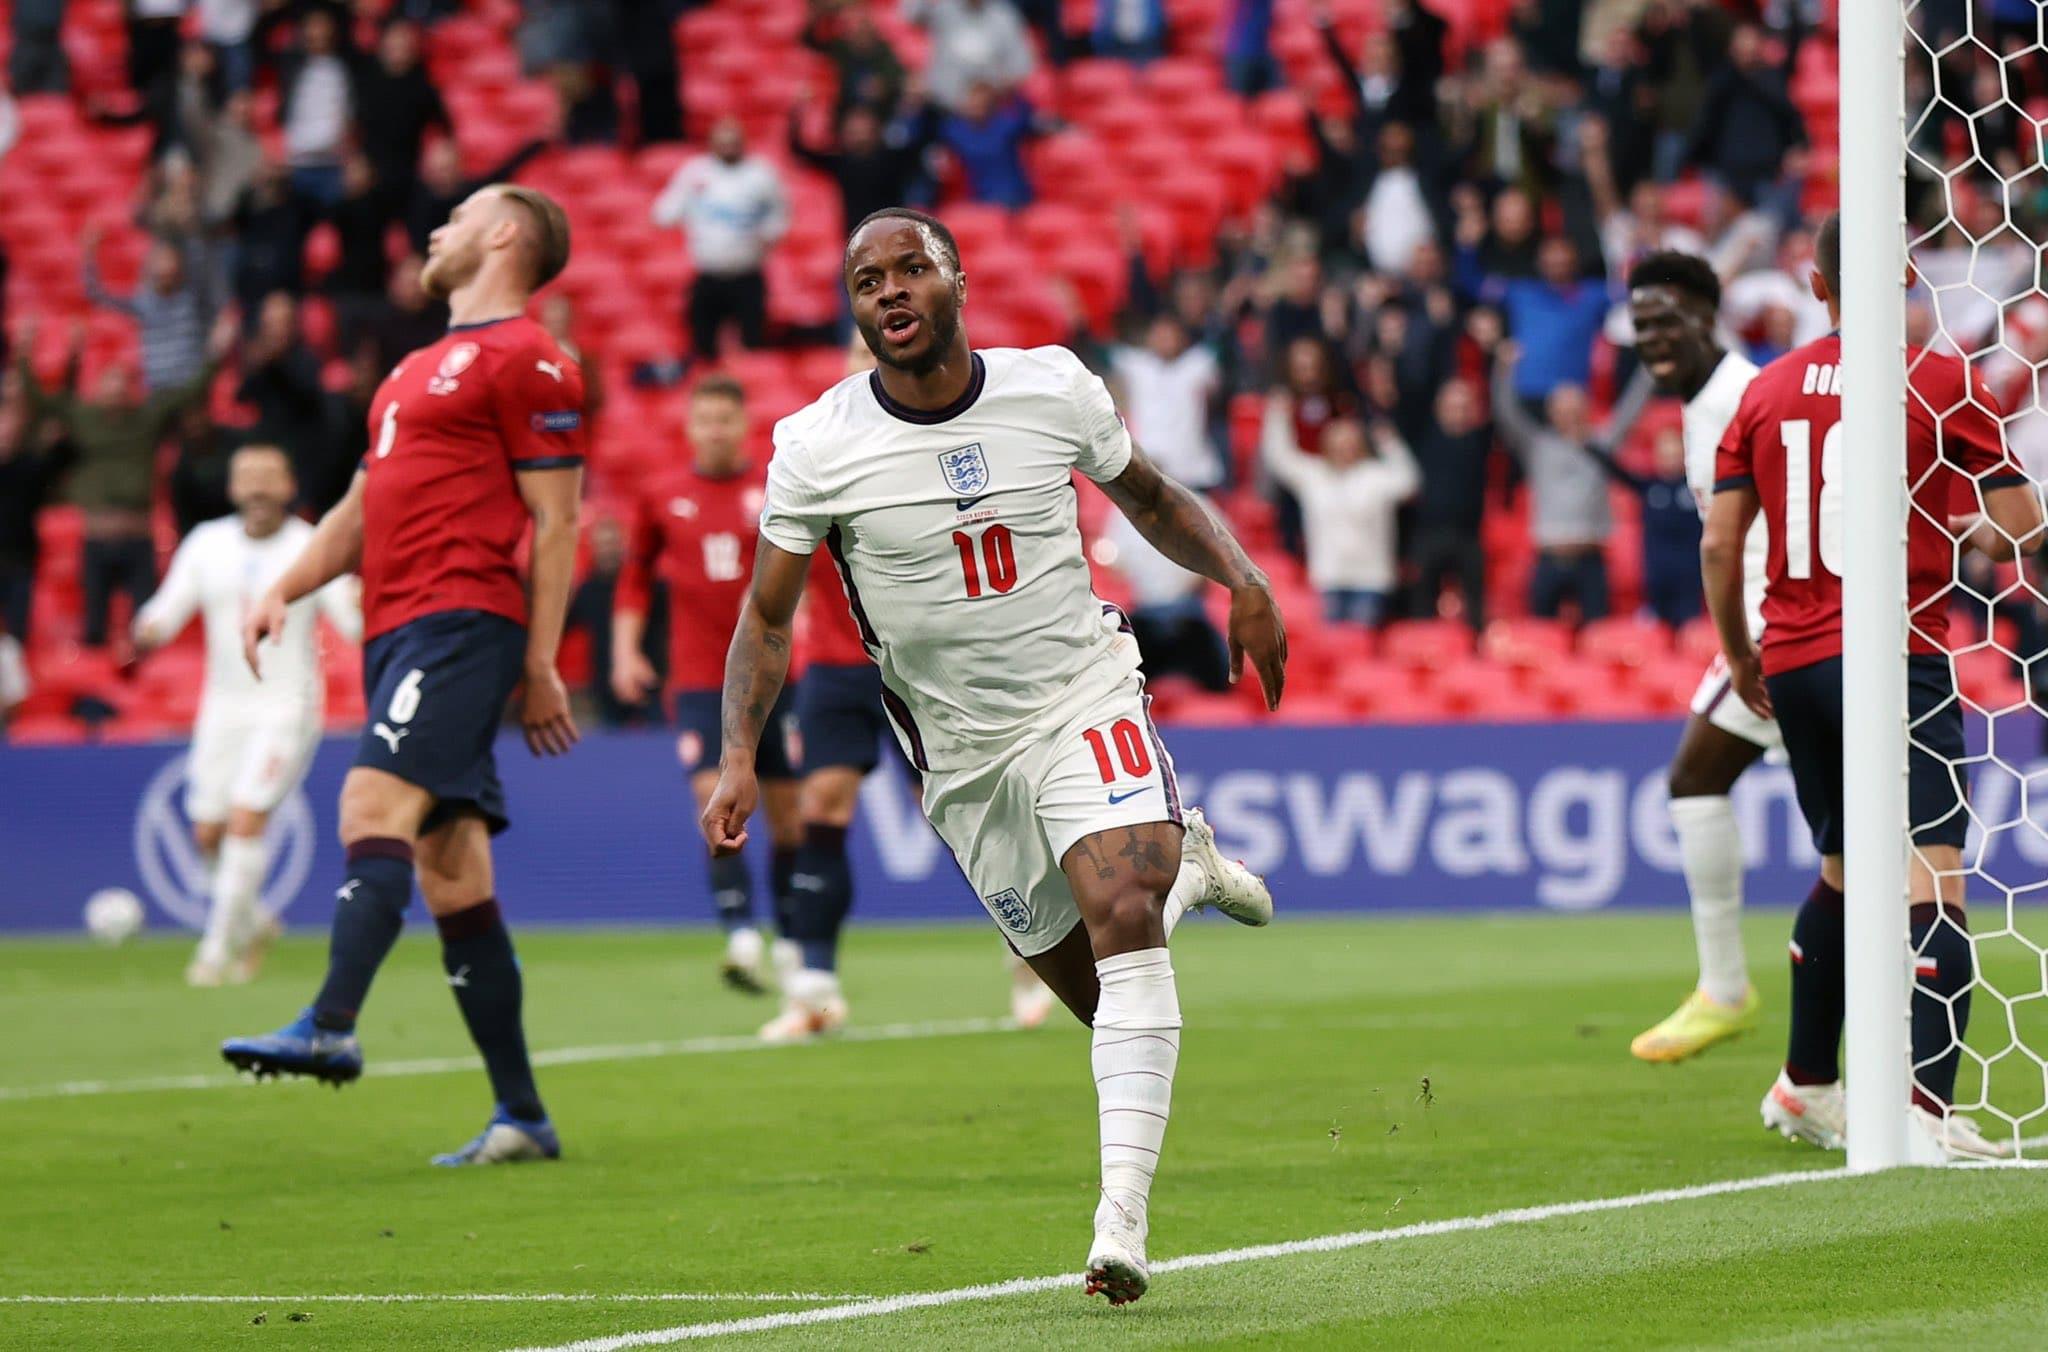 مباراة منتخب إنجلترا والتشيك